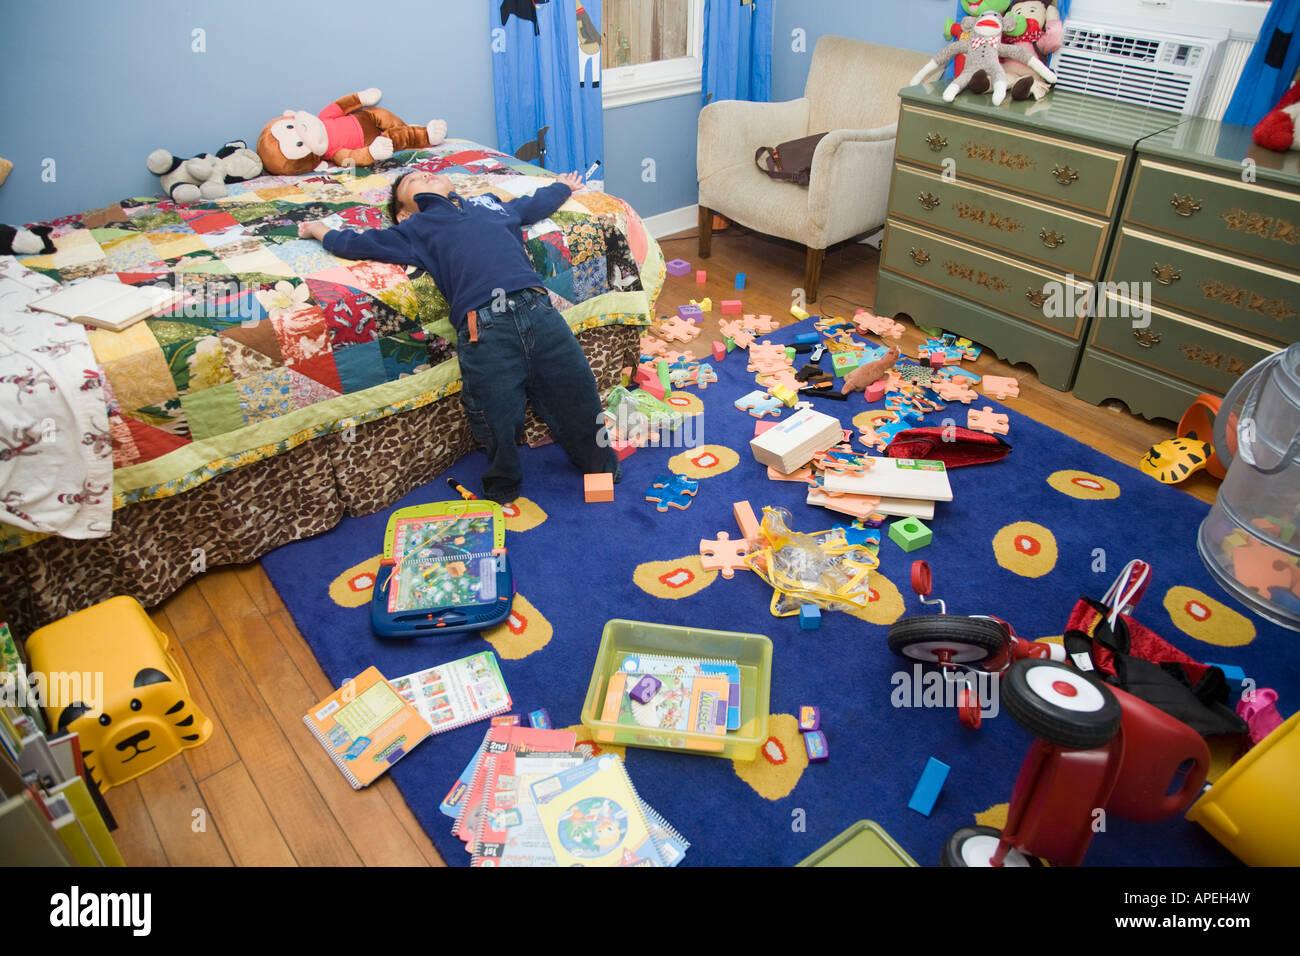 Asian boy dans une chambre en désordre Photo Stock